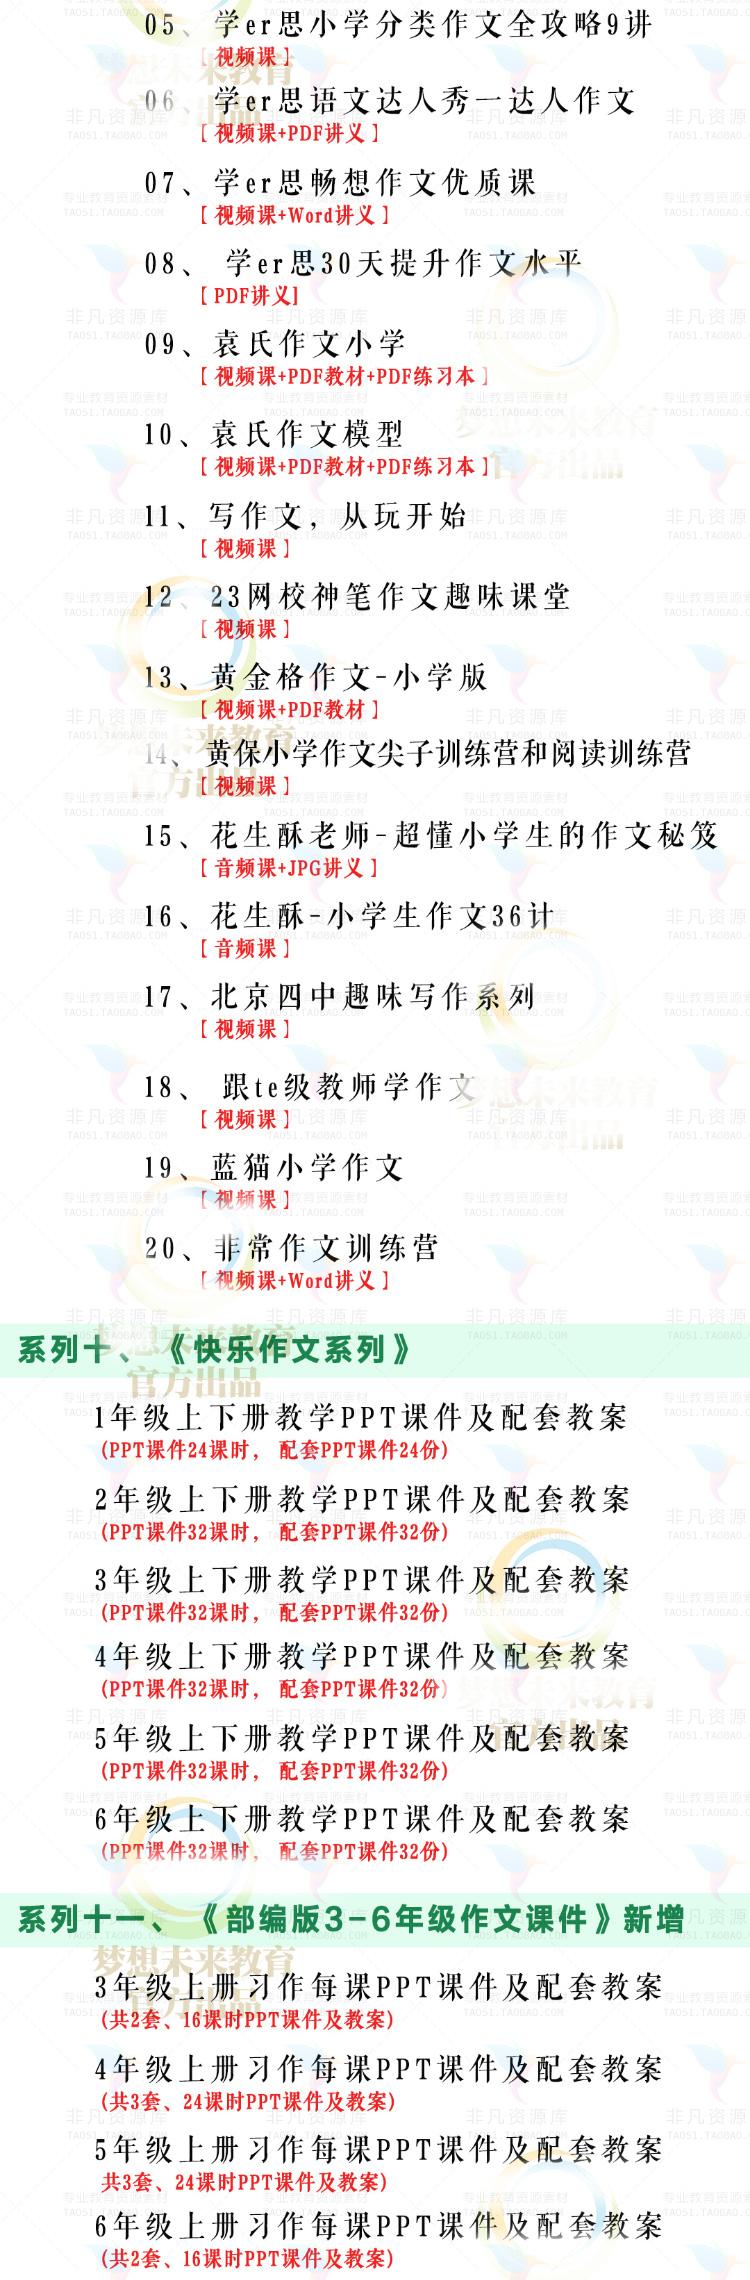 小学快乐作文培训教材ppt教案课件学习辅导视频教程电子版1036